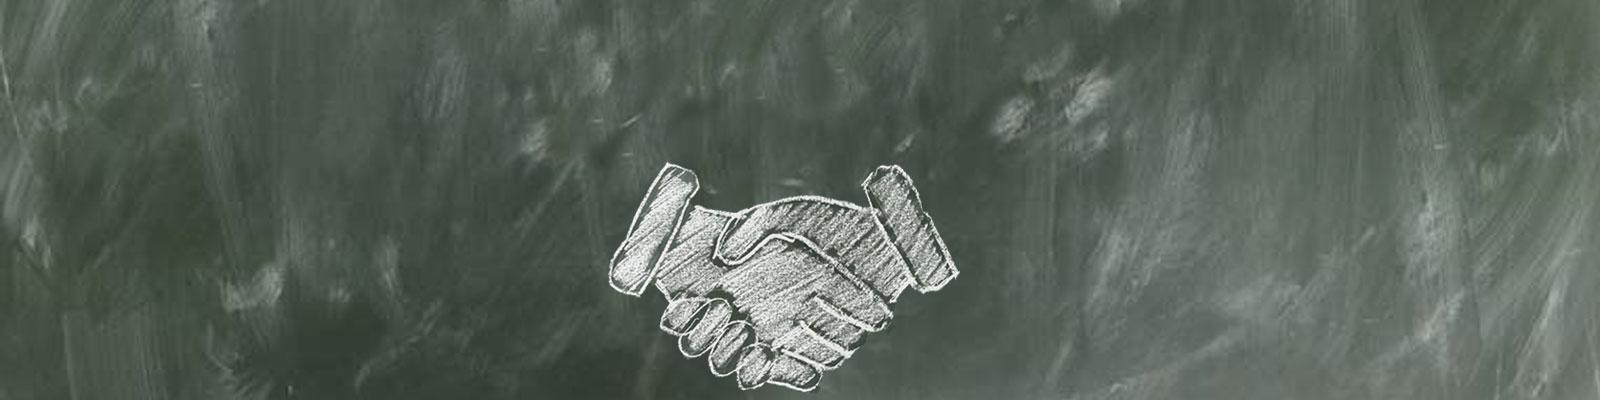 les partenaires coventis